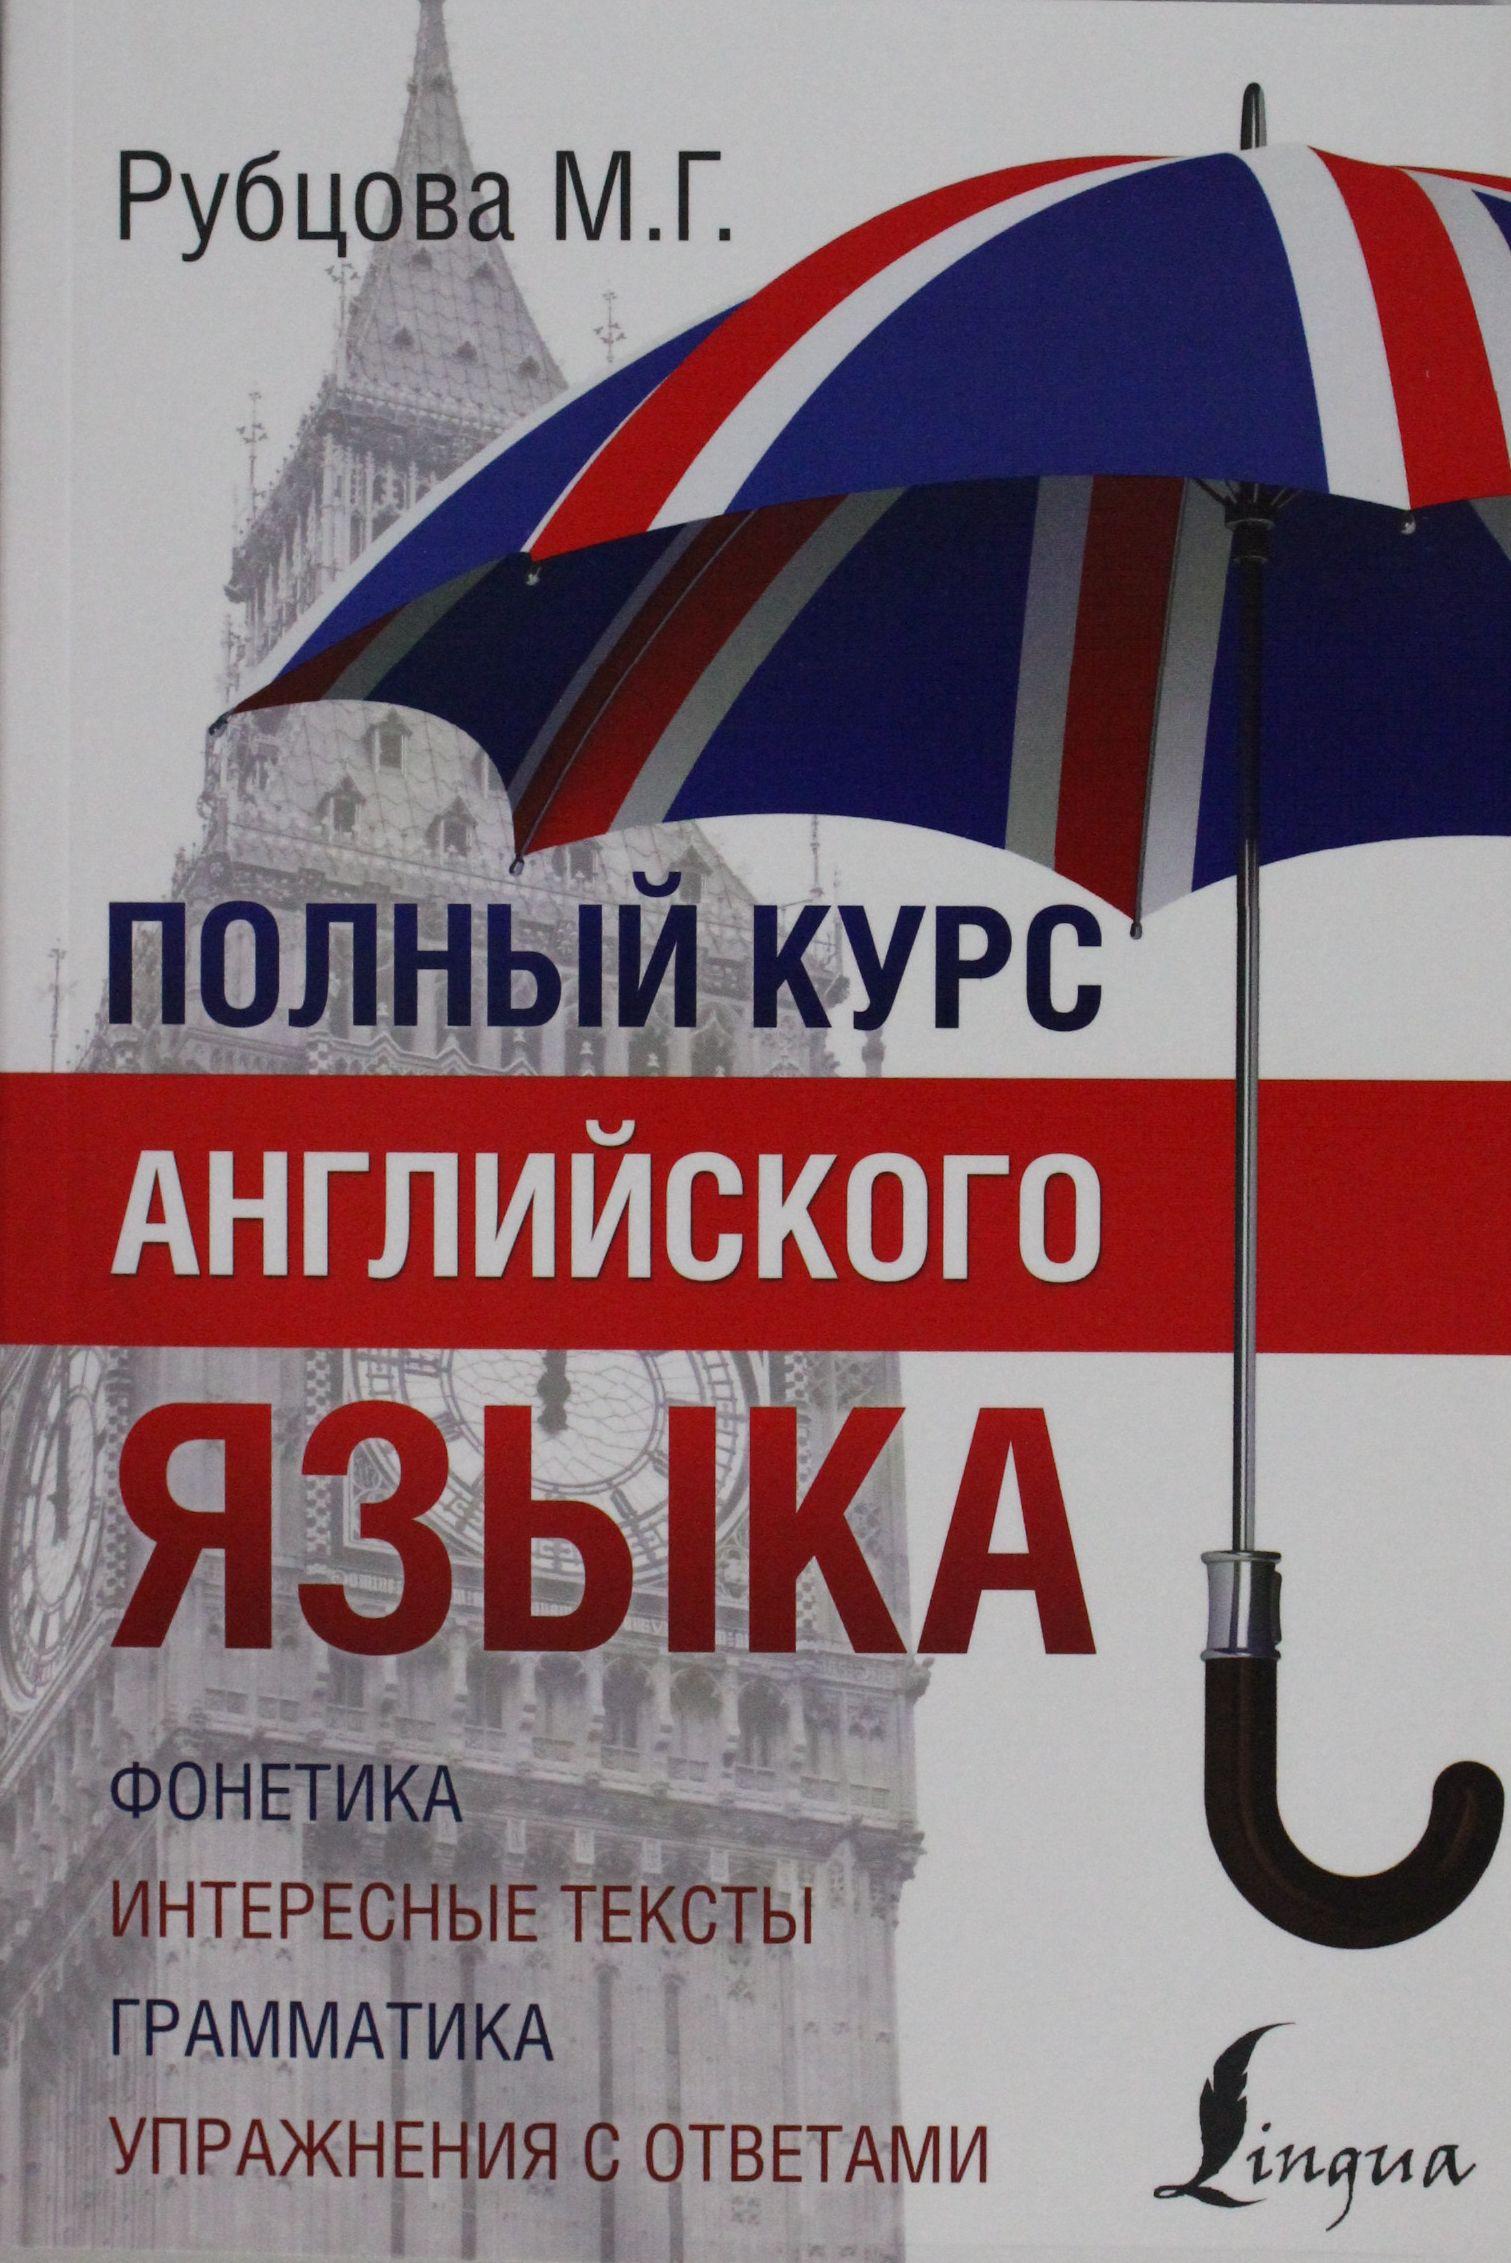 Polnyj kurs anglijskogo jazyka